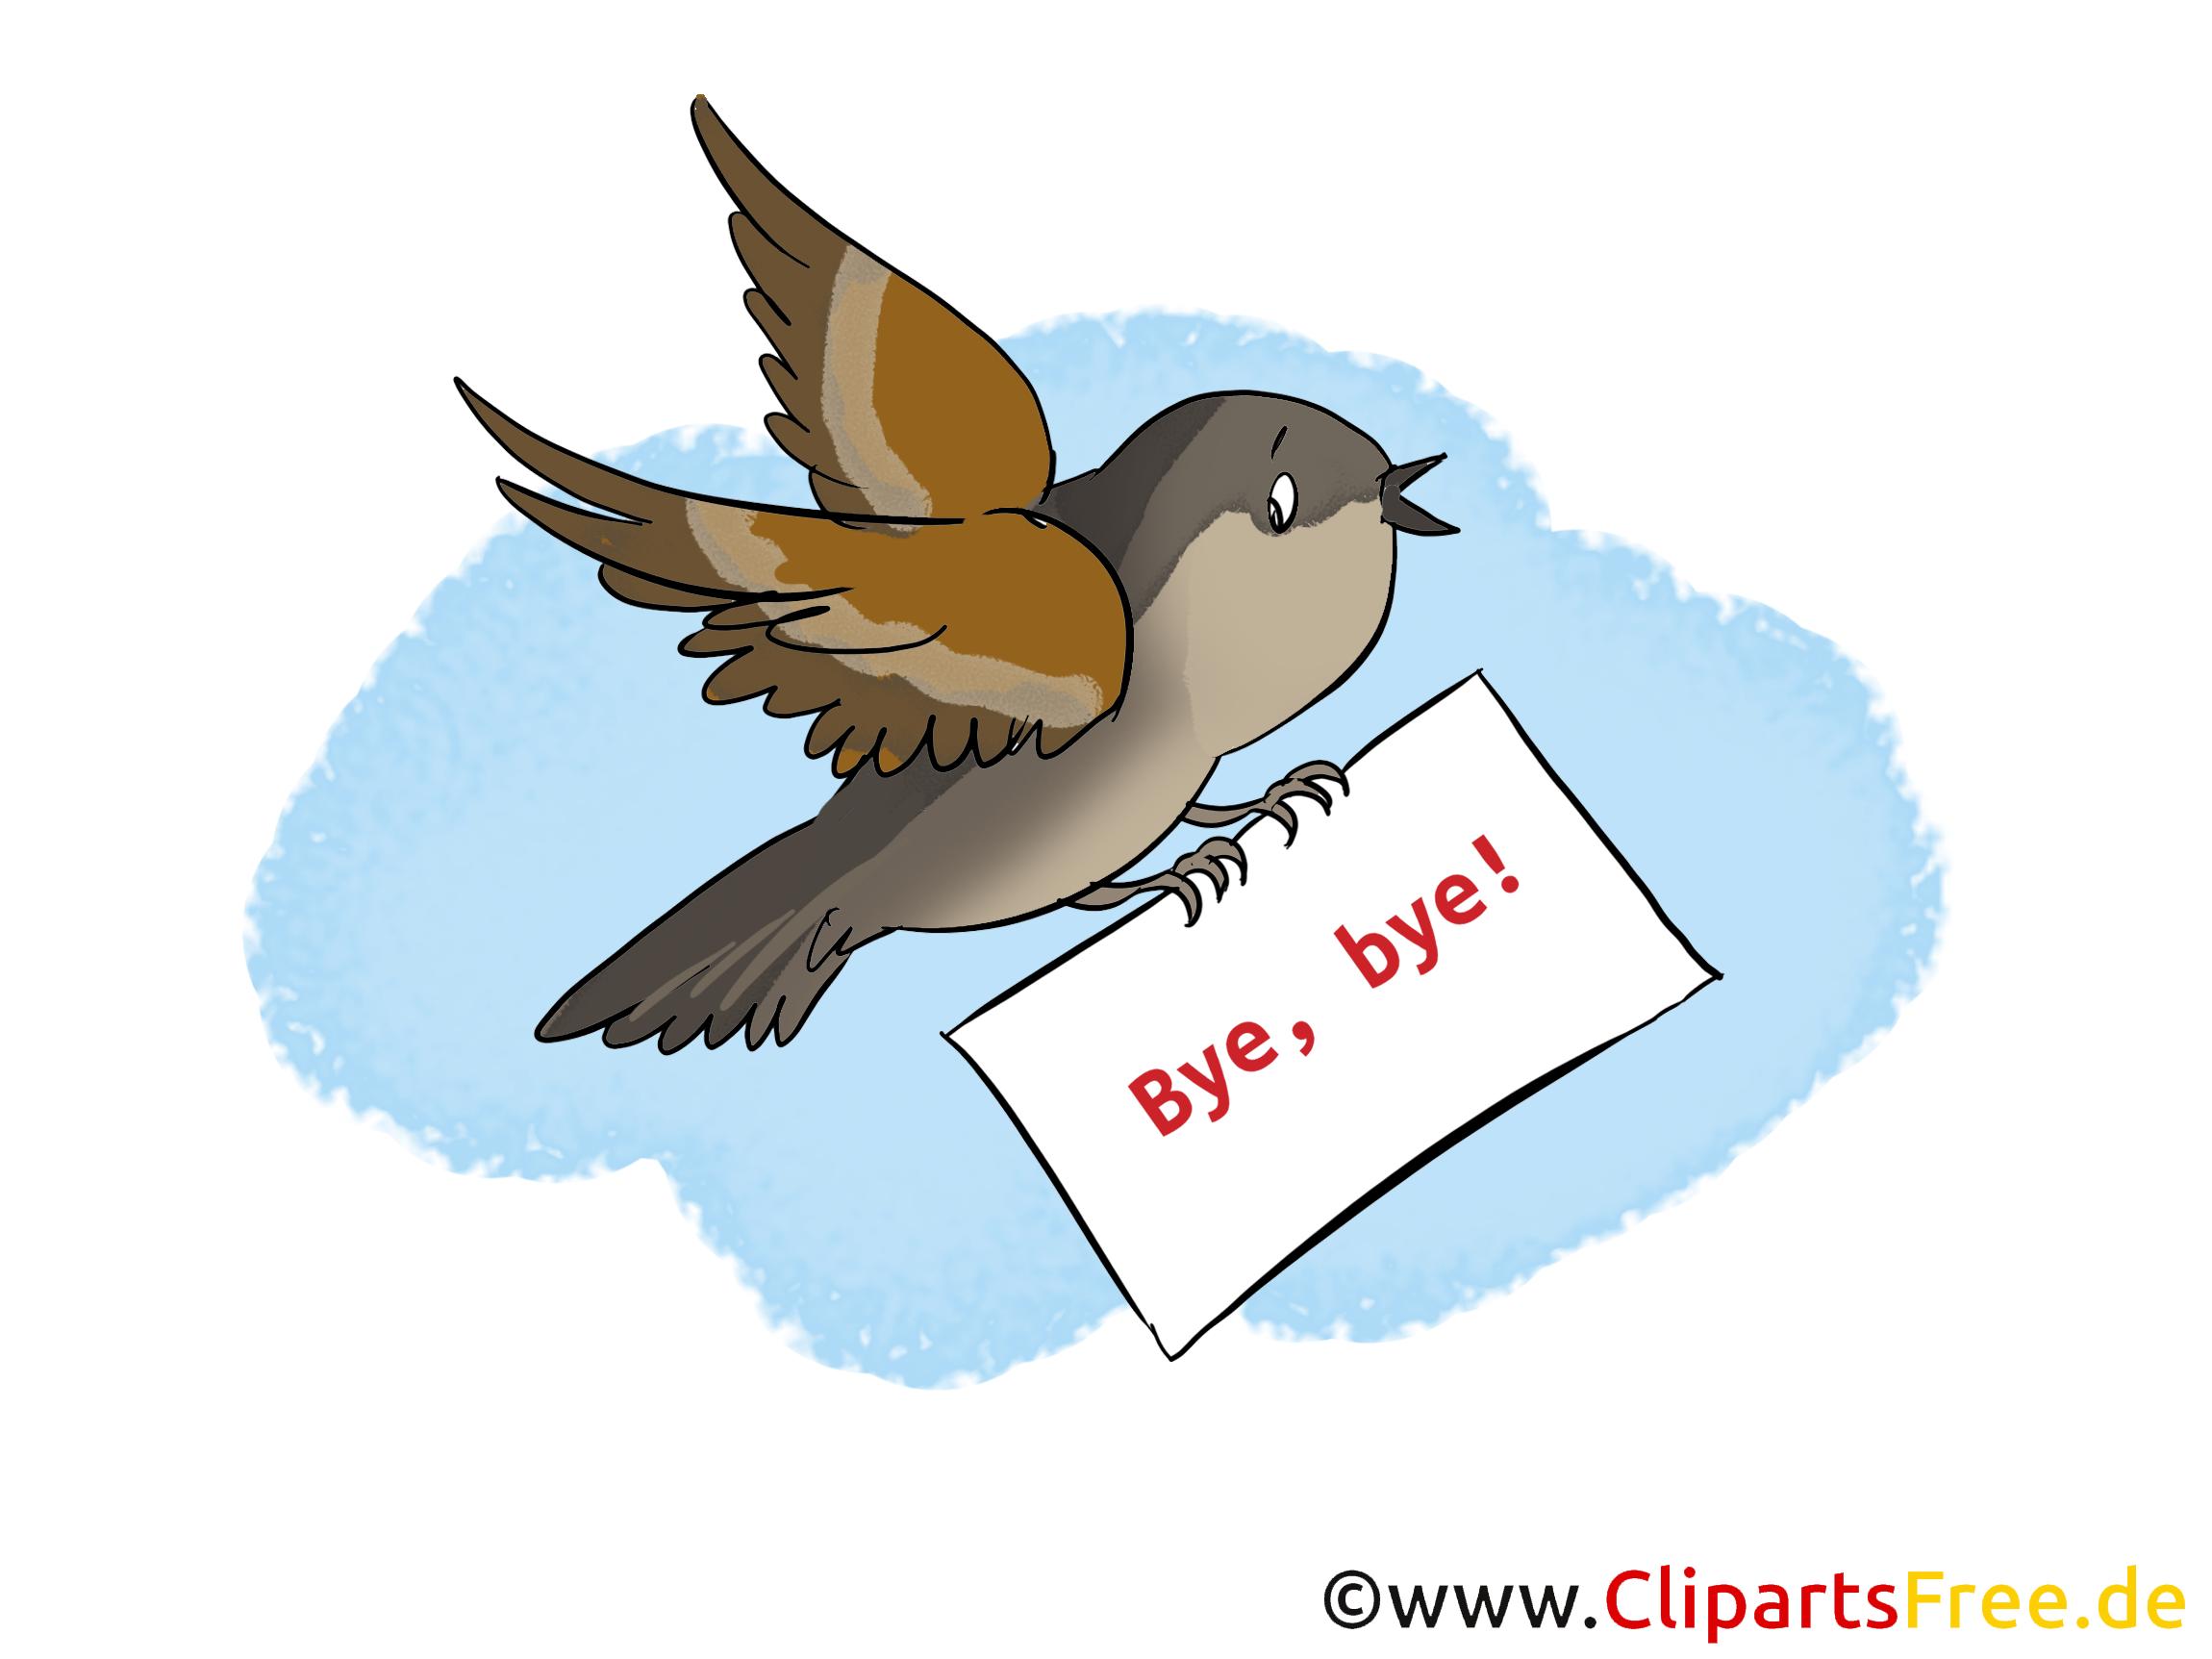 Zum Abschied einer Kollegin Karte, Clipart, Cartoon, Bild picture freeuse library